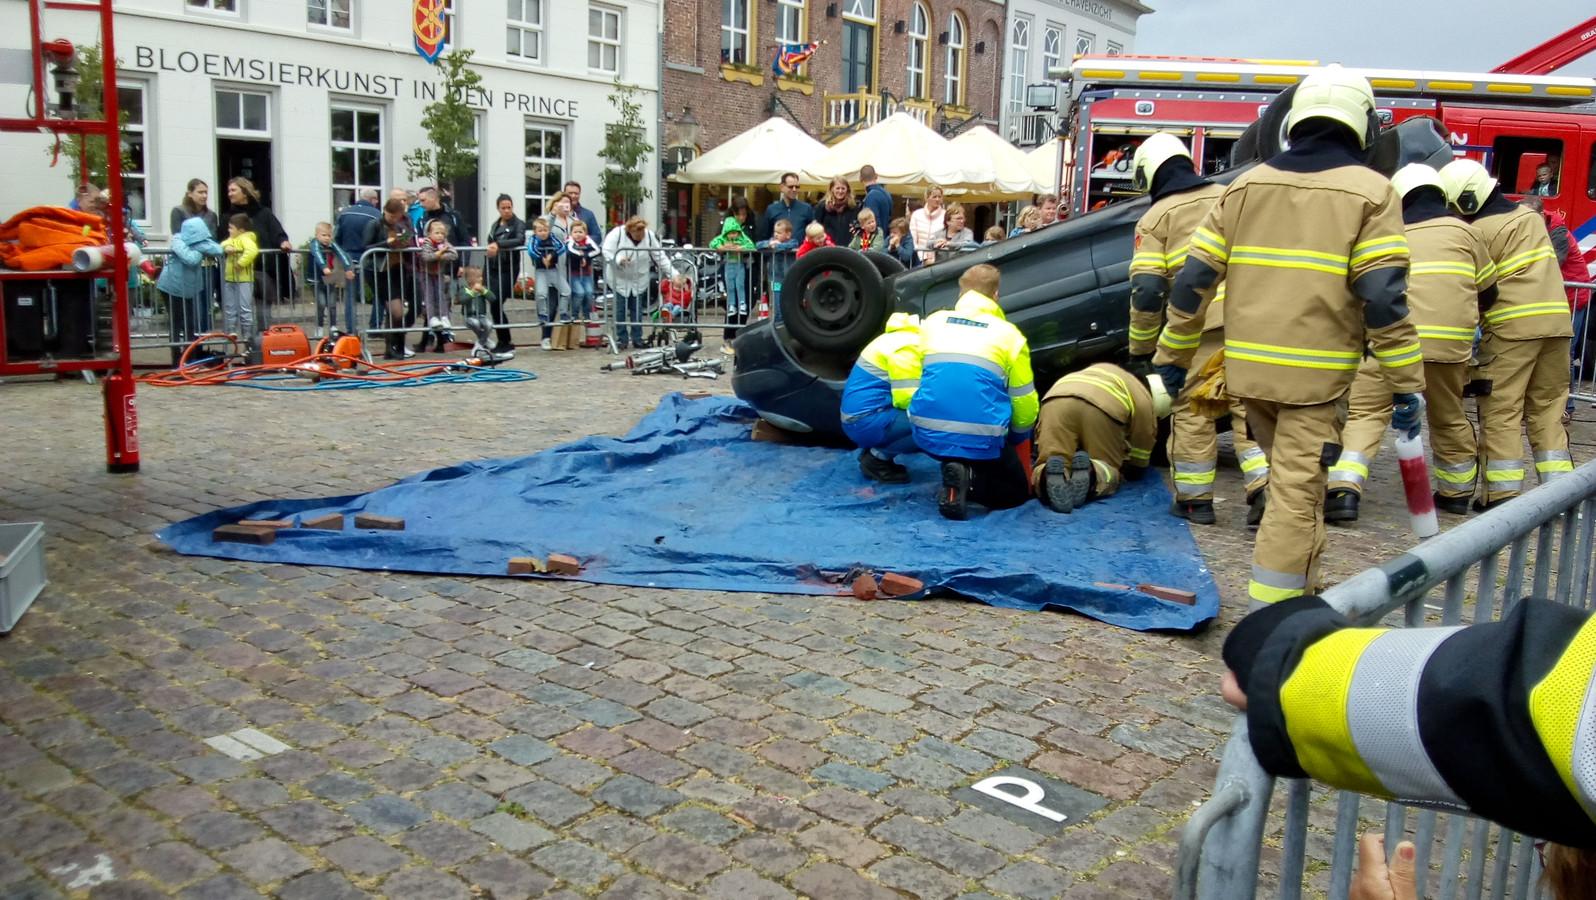 Brandweerlieden in gesprek met de beknelde slachtoffers